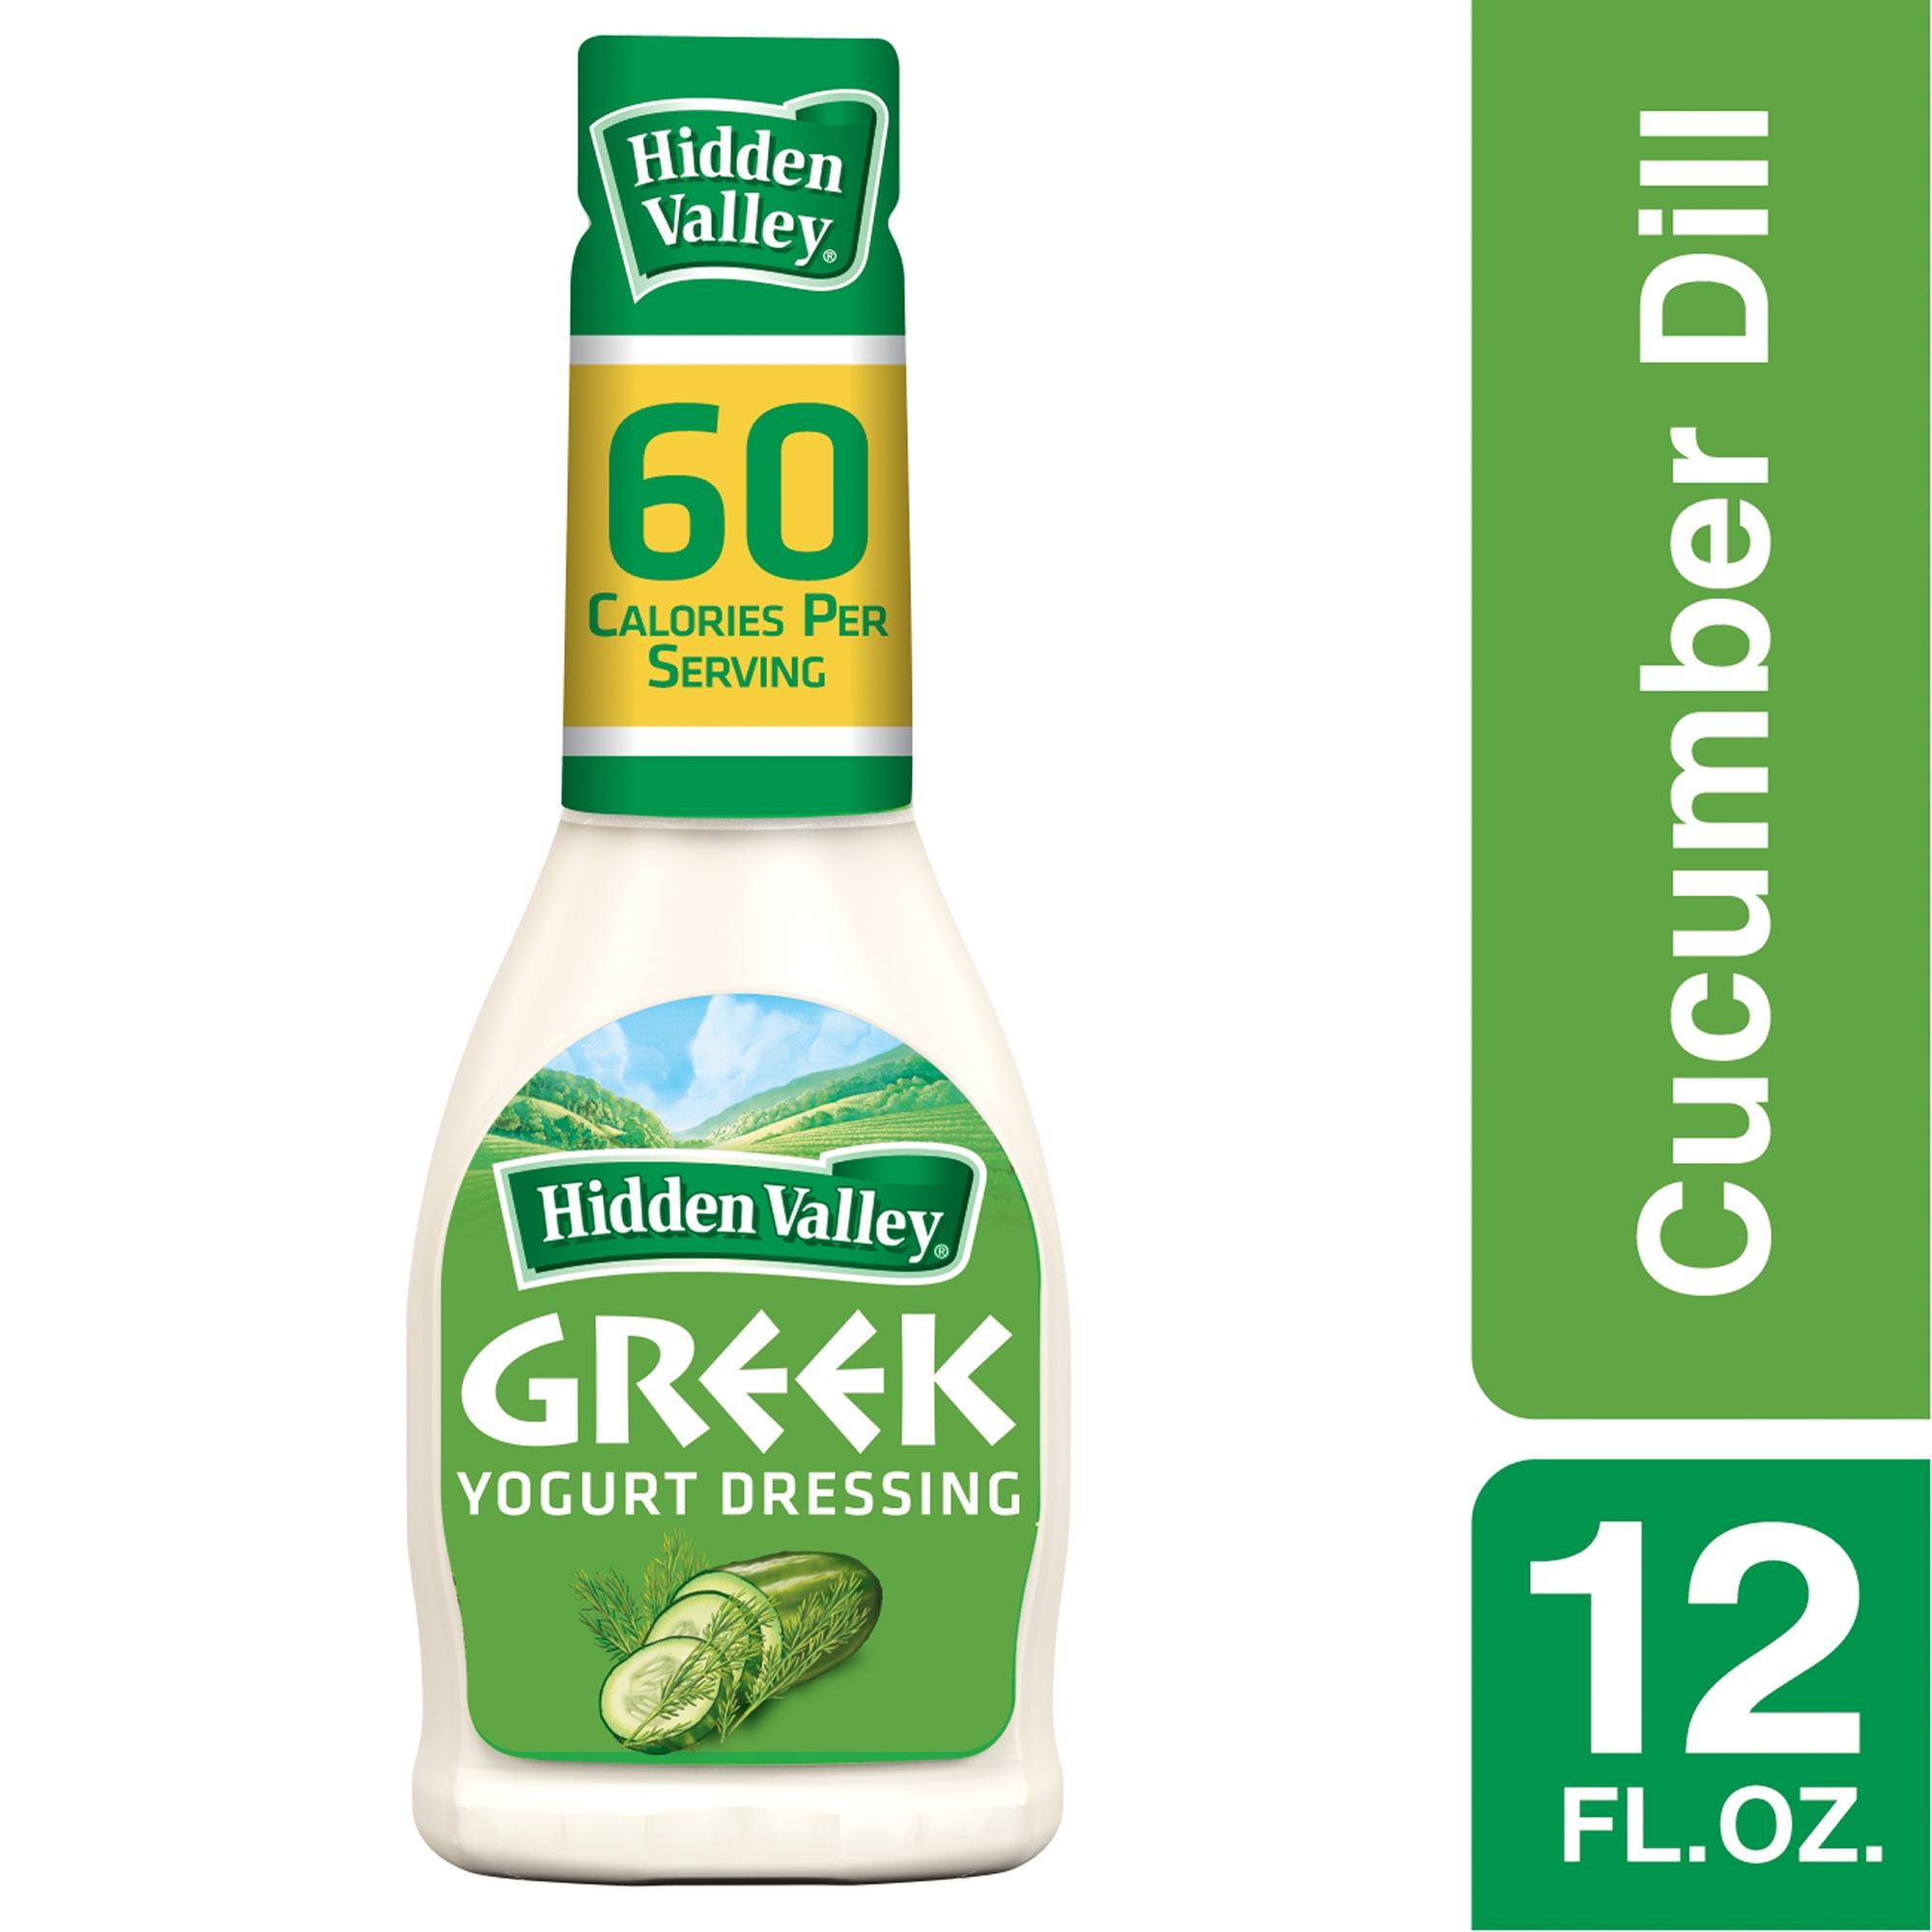 (2 Pack) Hidden Valley Greek Yogurt Cucumber Dill Salad Dressing & Topping, Gluten Free - 12 Oz Bottle